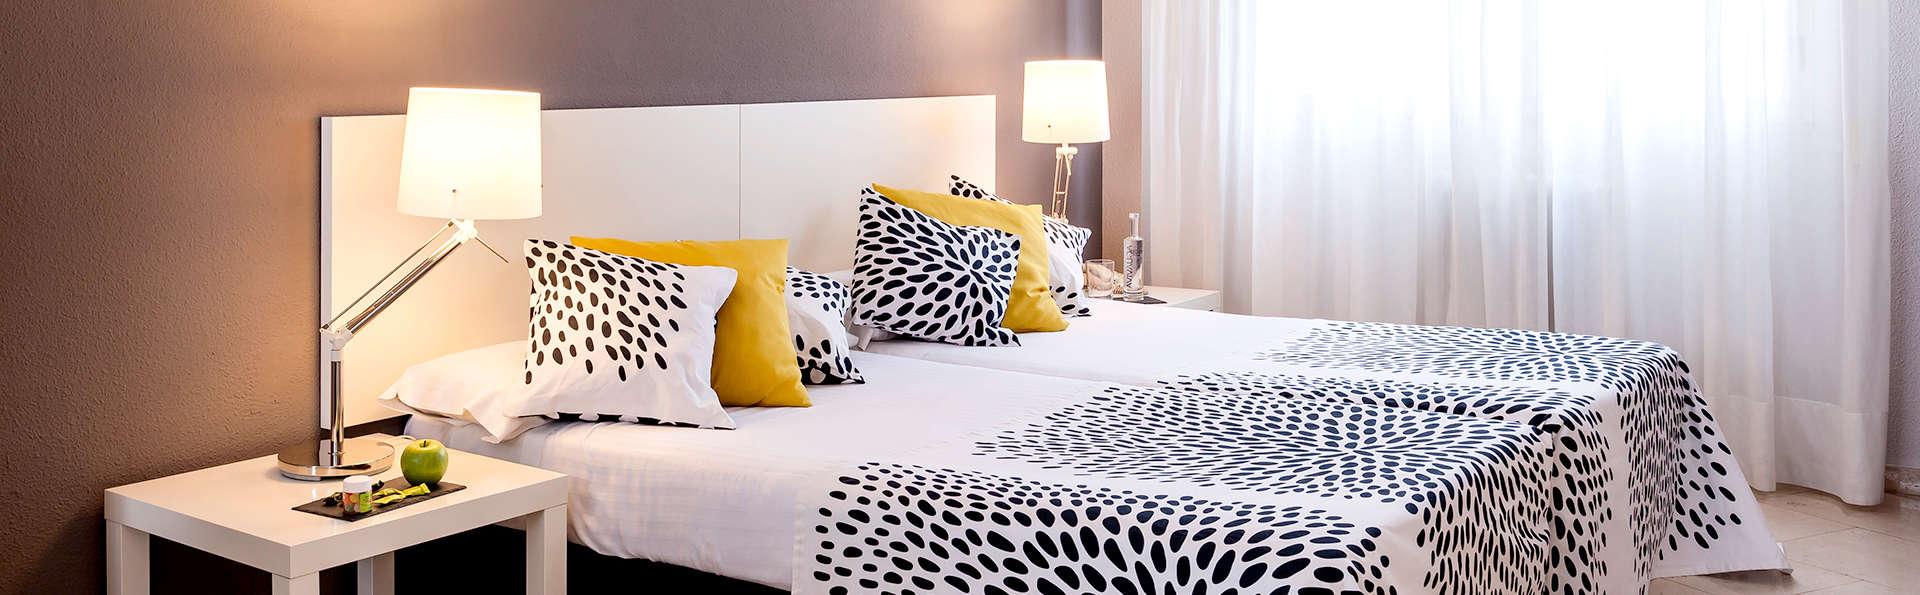 Escapada Familiar en un apartamento equipado en el centro de Madrid